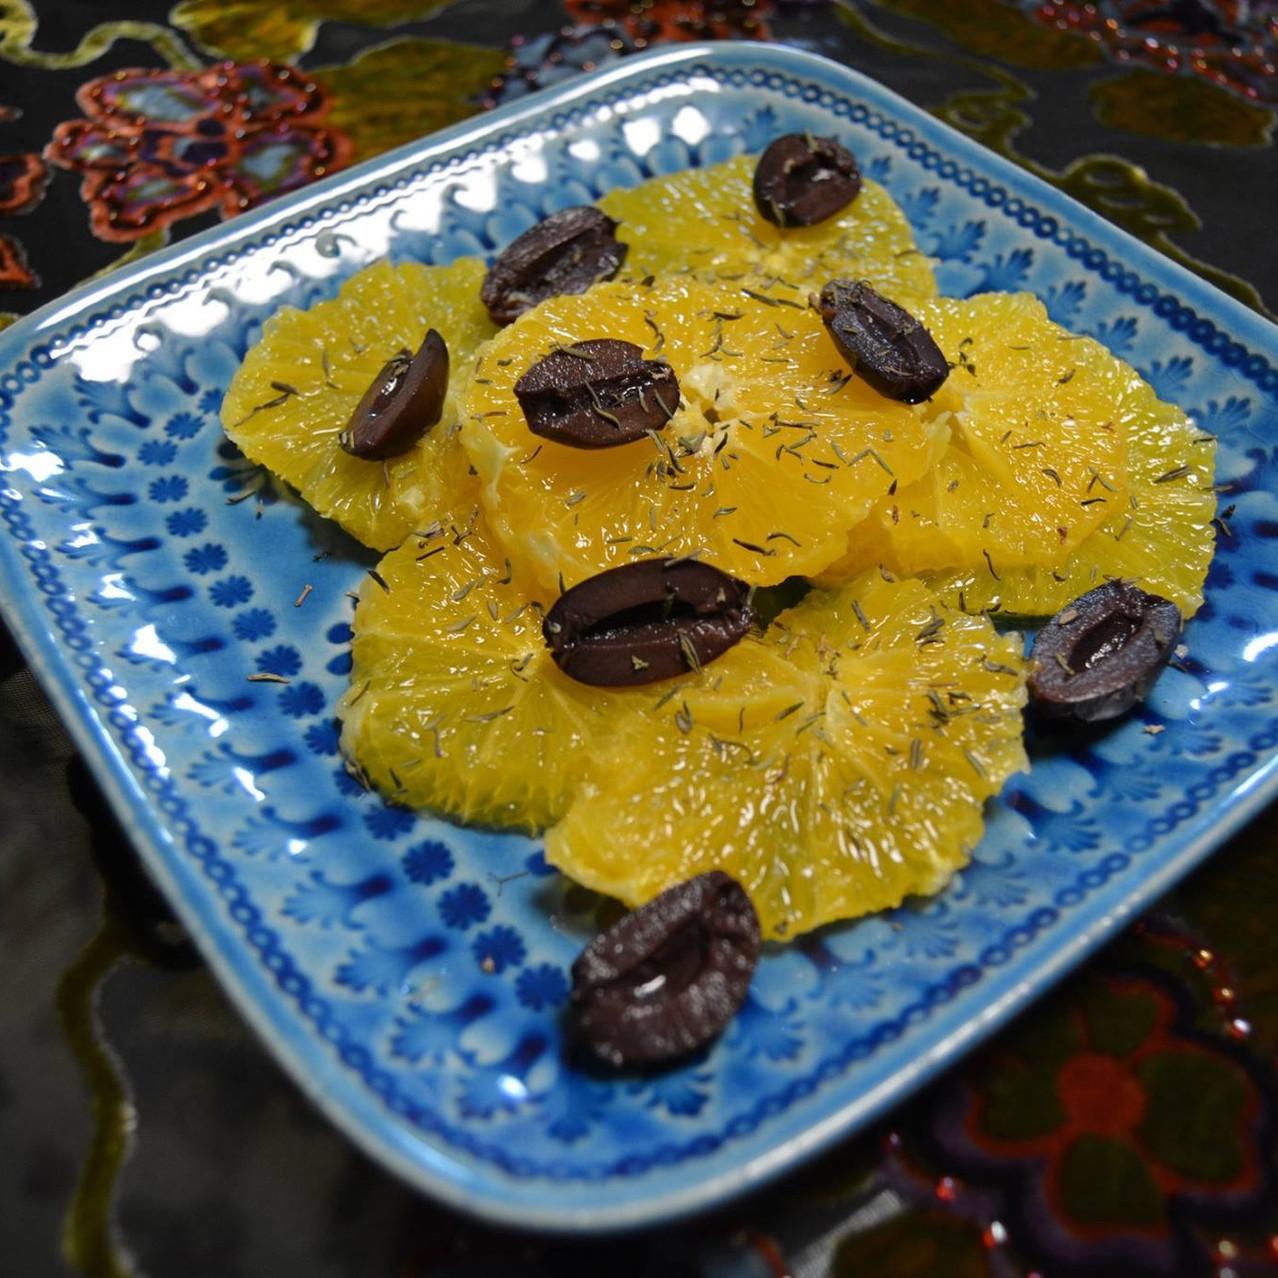 Orange and olive salad